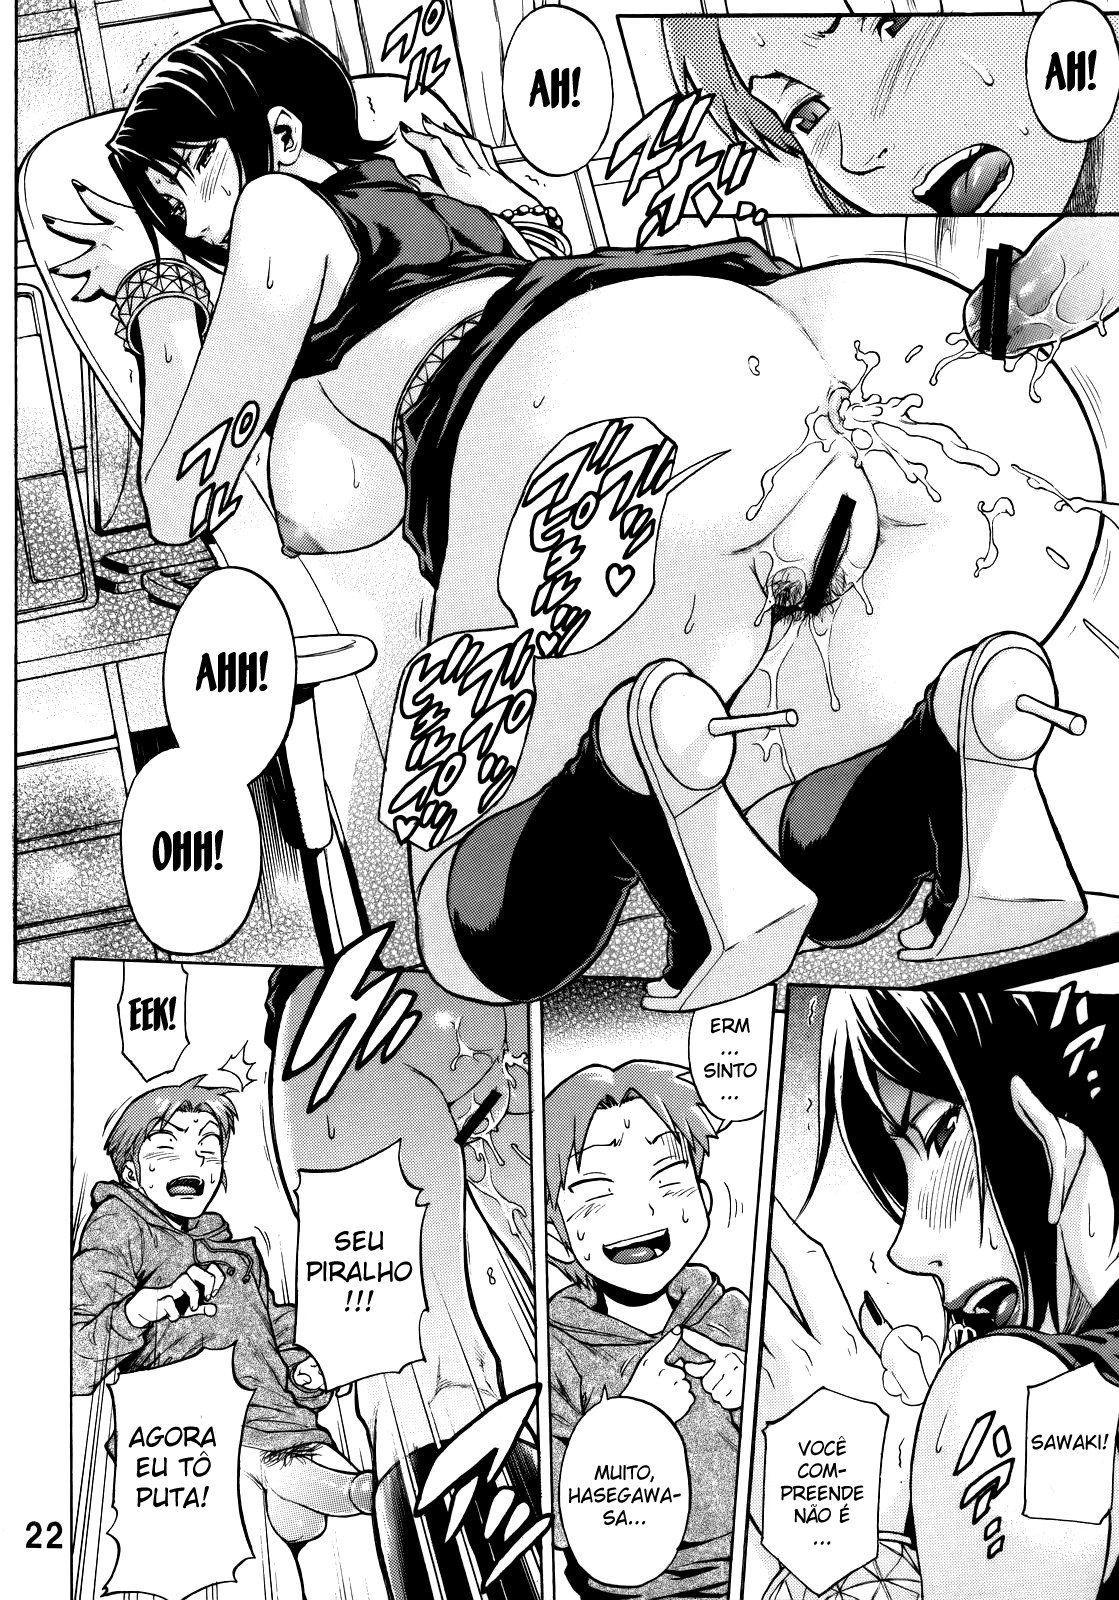 HentaiHome-Estreando-o-virgem-pervertido-21